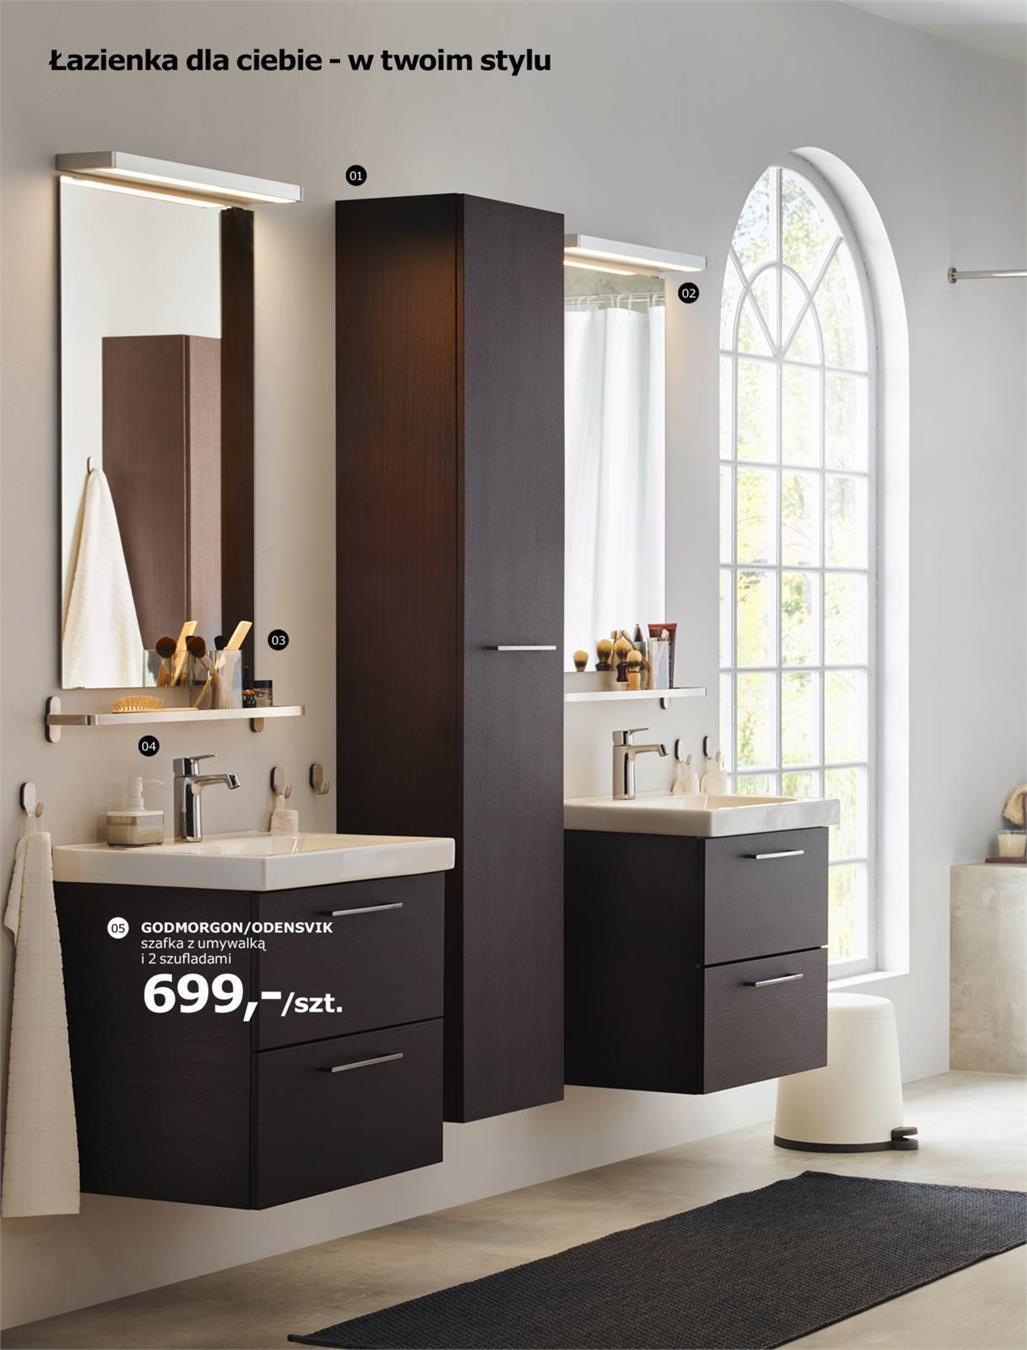 Gazetka Promocyjna Ikeacom Pl Katalog łazienki 2018